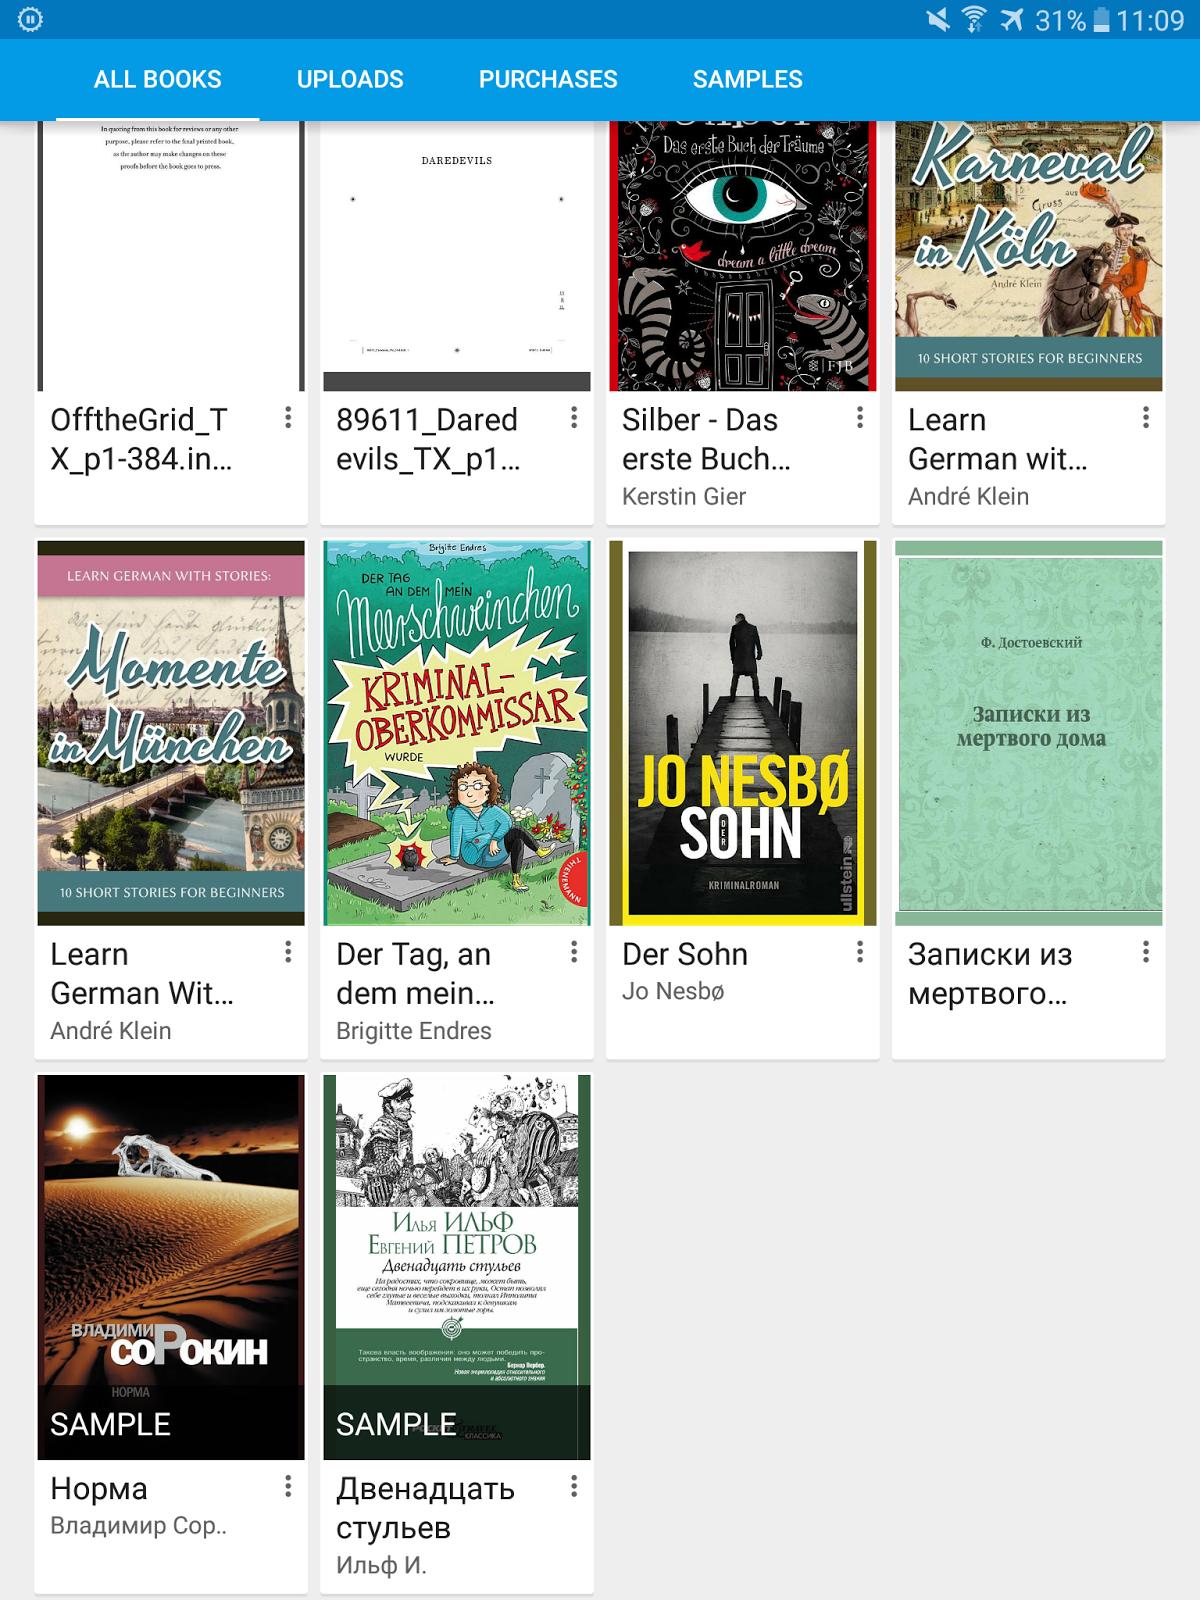 Скачать программу для скачивания книг на андроид